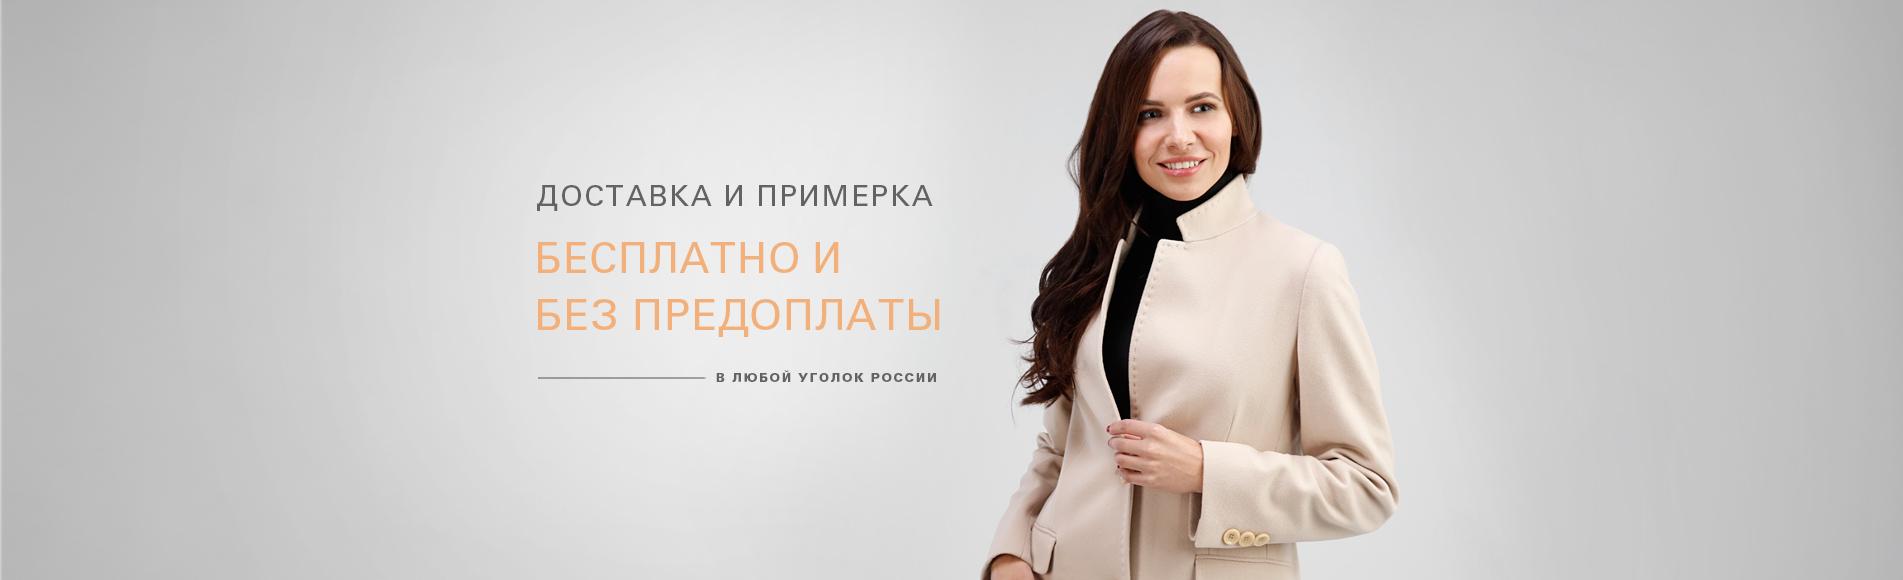 Интернет магазин Мода365_3